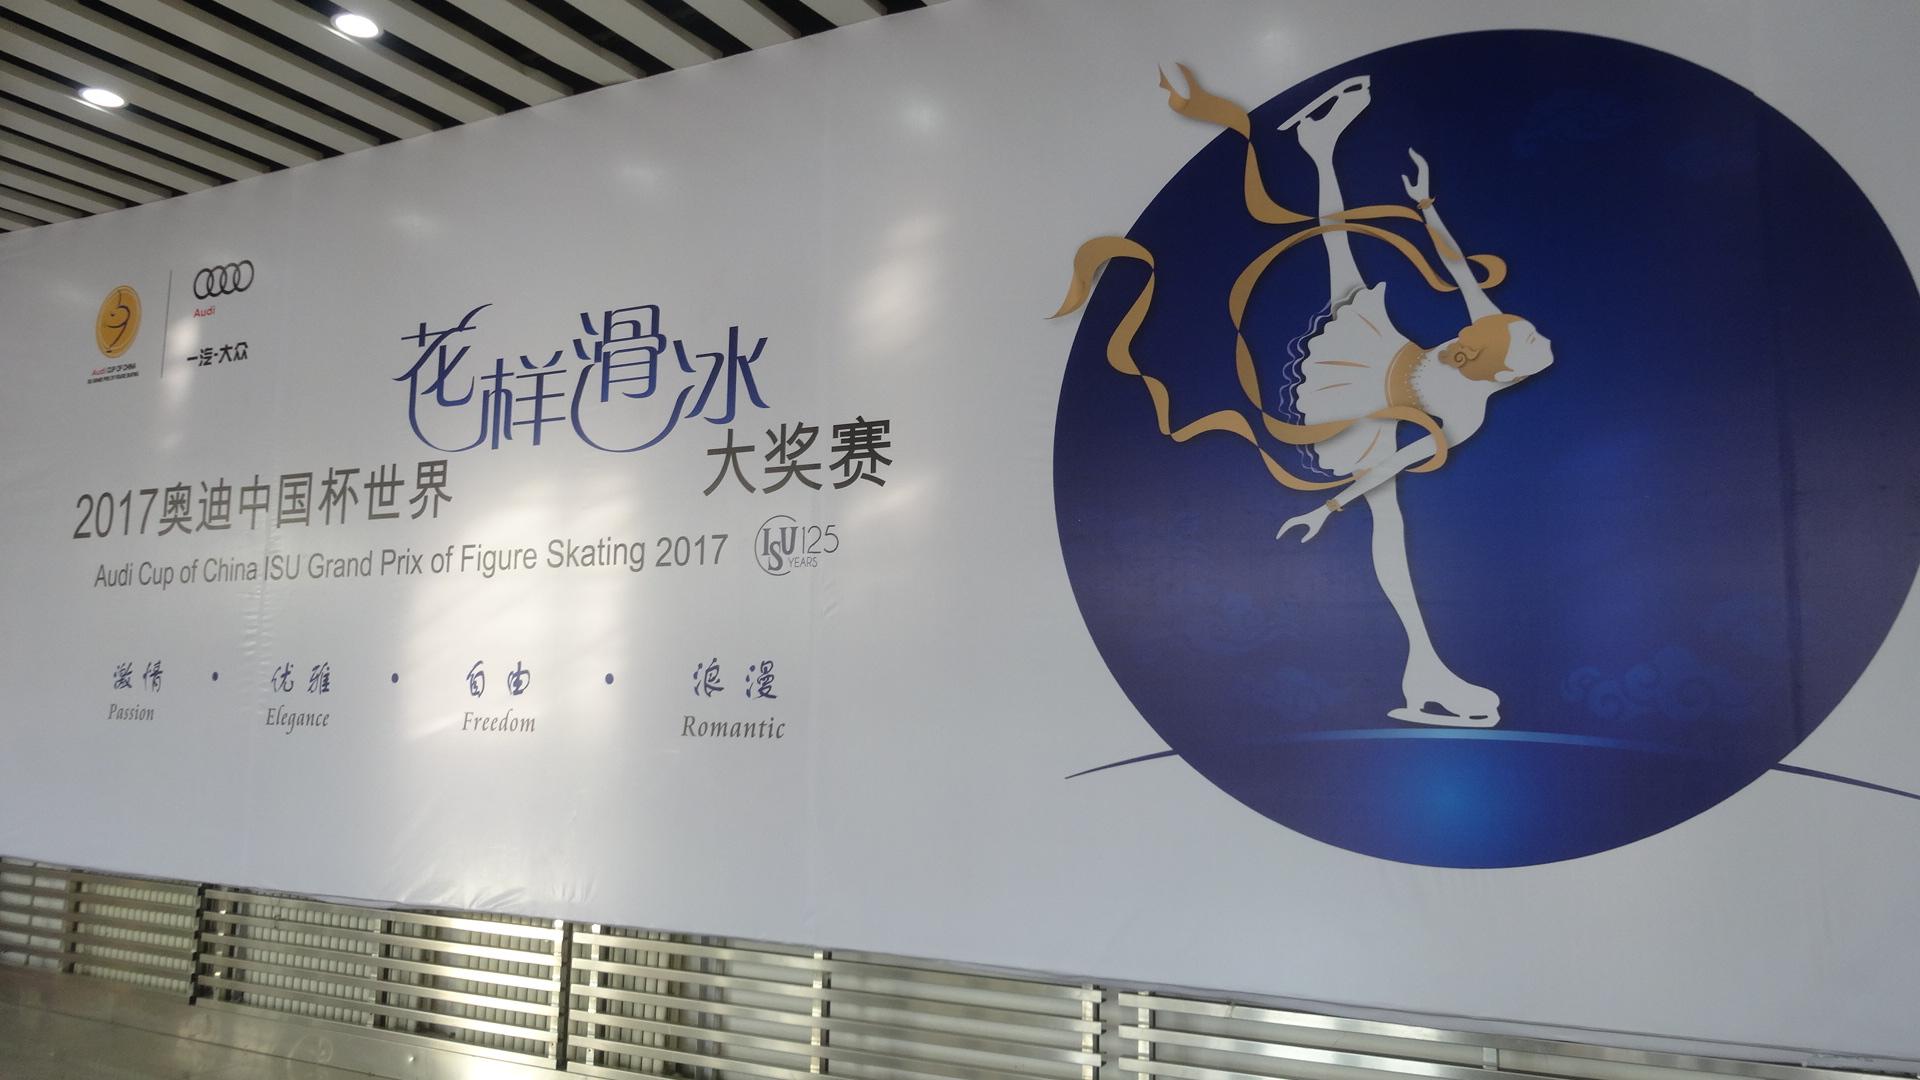 フィギュアスケートグランプリシリーズ2017中国杯